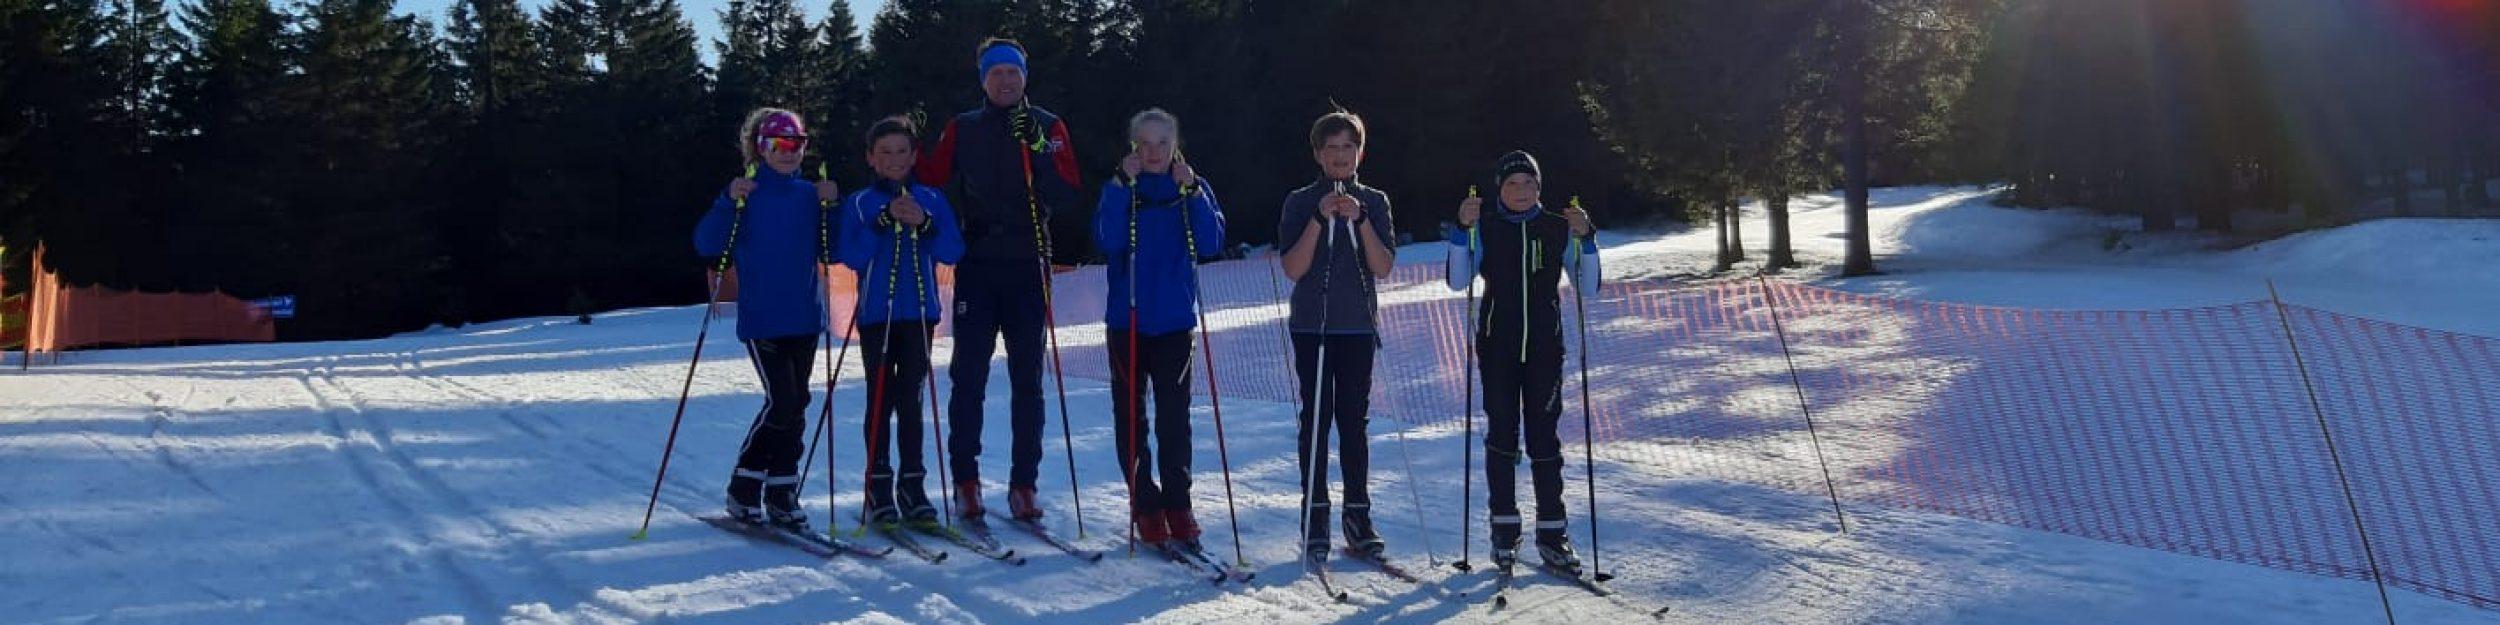 Willkommen beim SV 90 Gräfenroda e.V. – Sektion Wintersport